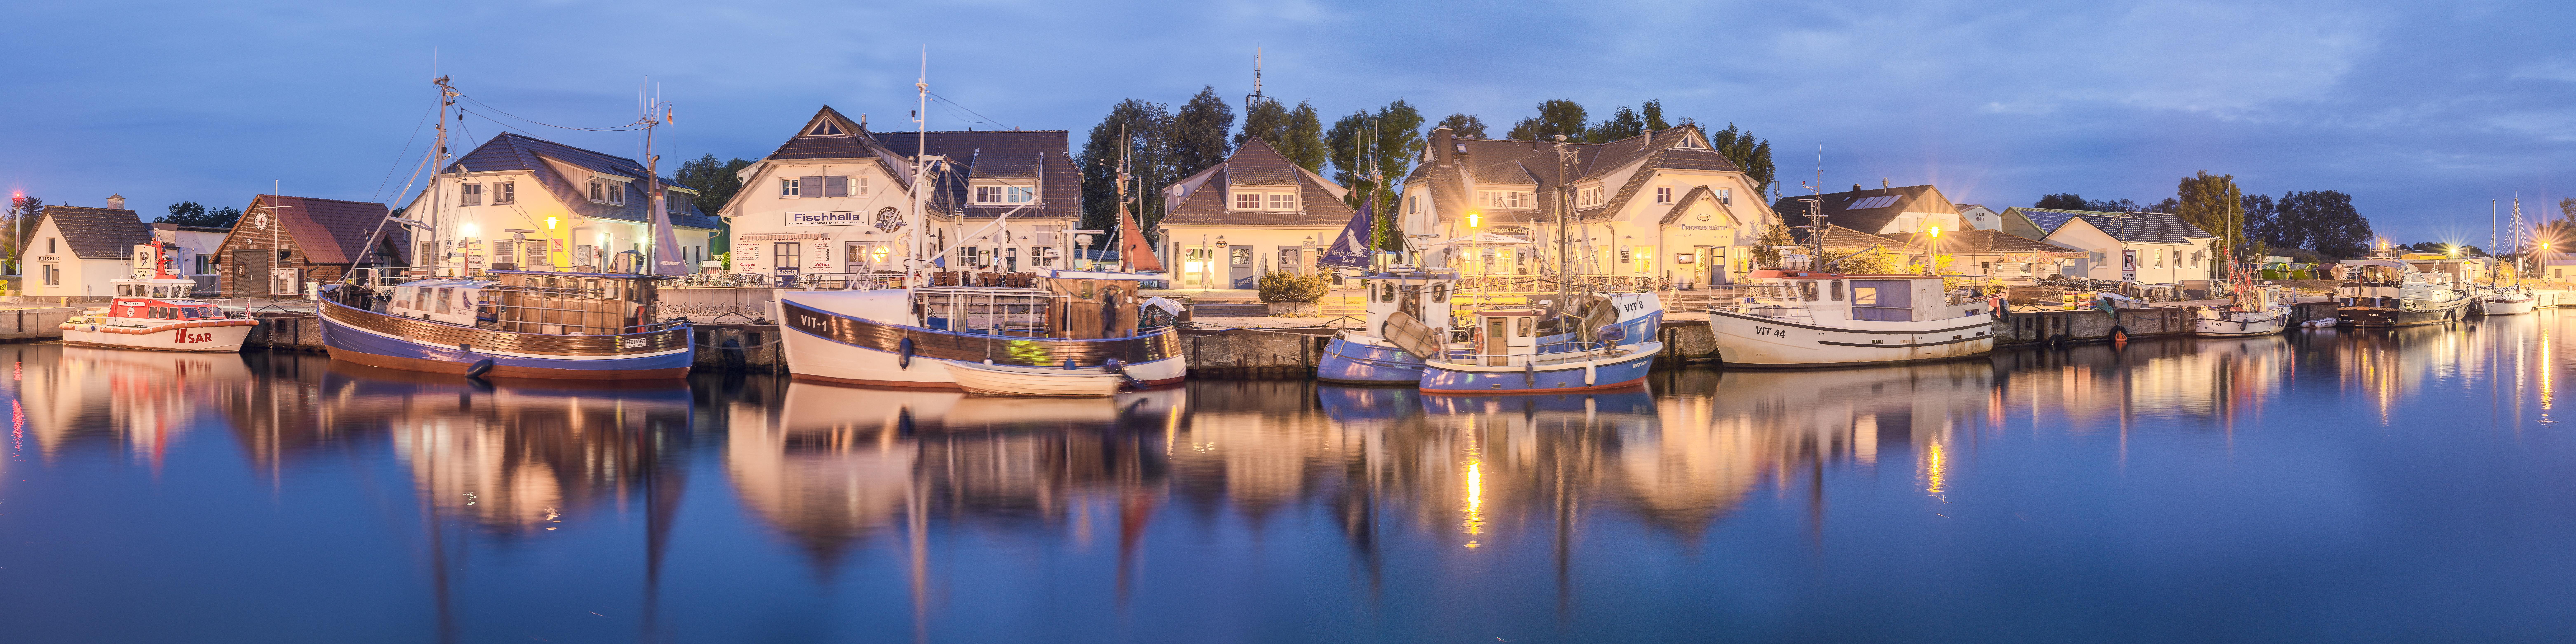 Vittener Hafen auf Hiddensee